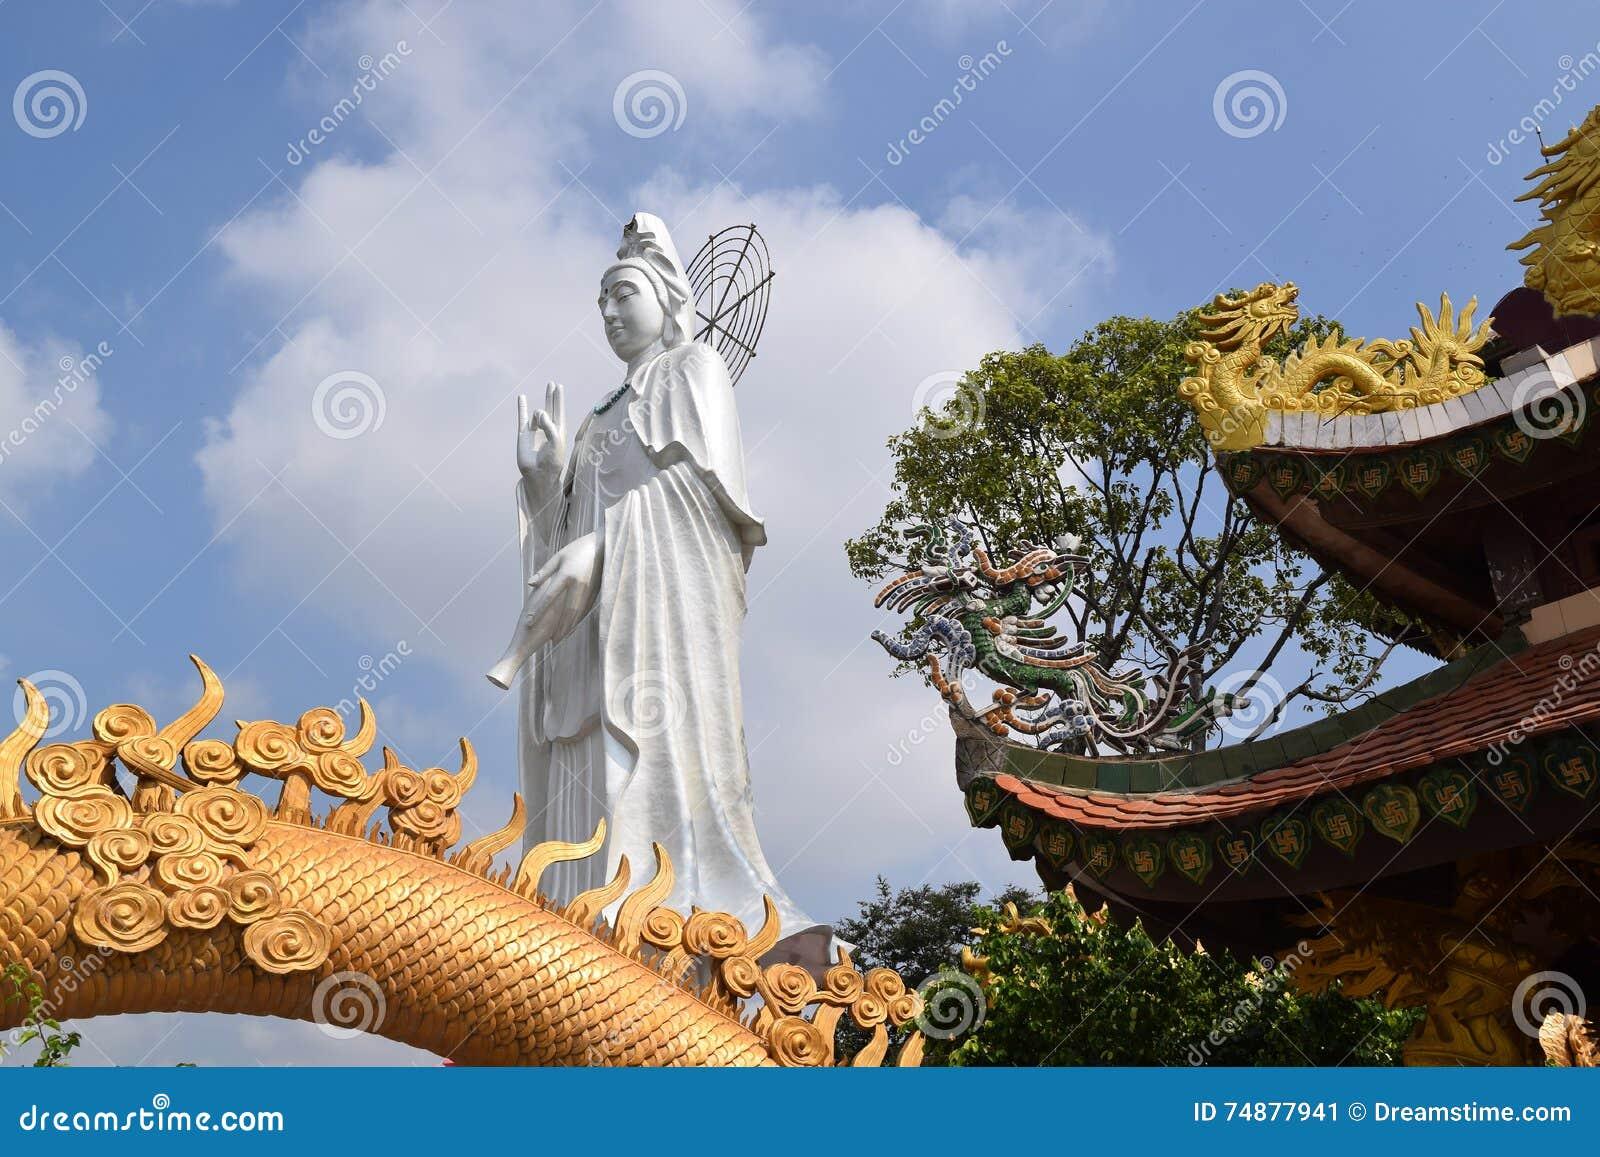 Estatua grande del Bodhisattva en el templo budista de Chau Thoi, Vietnam